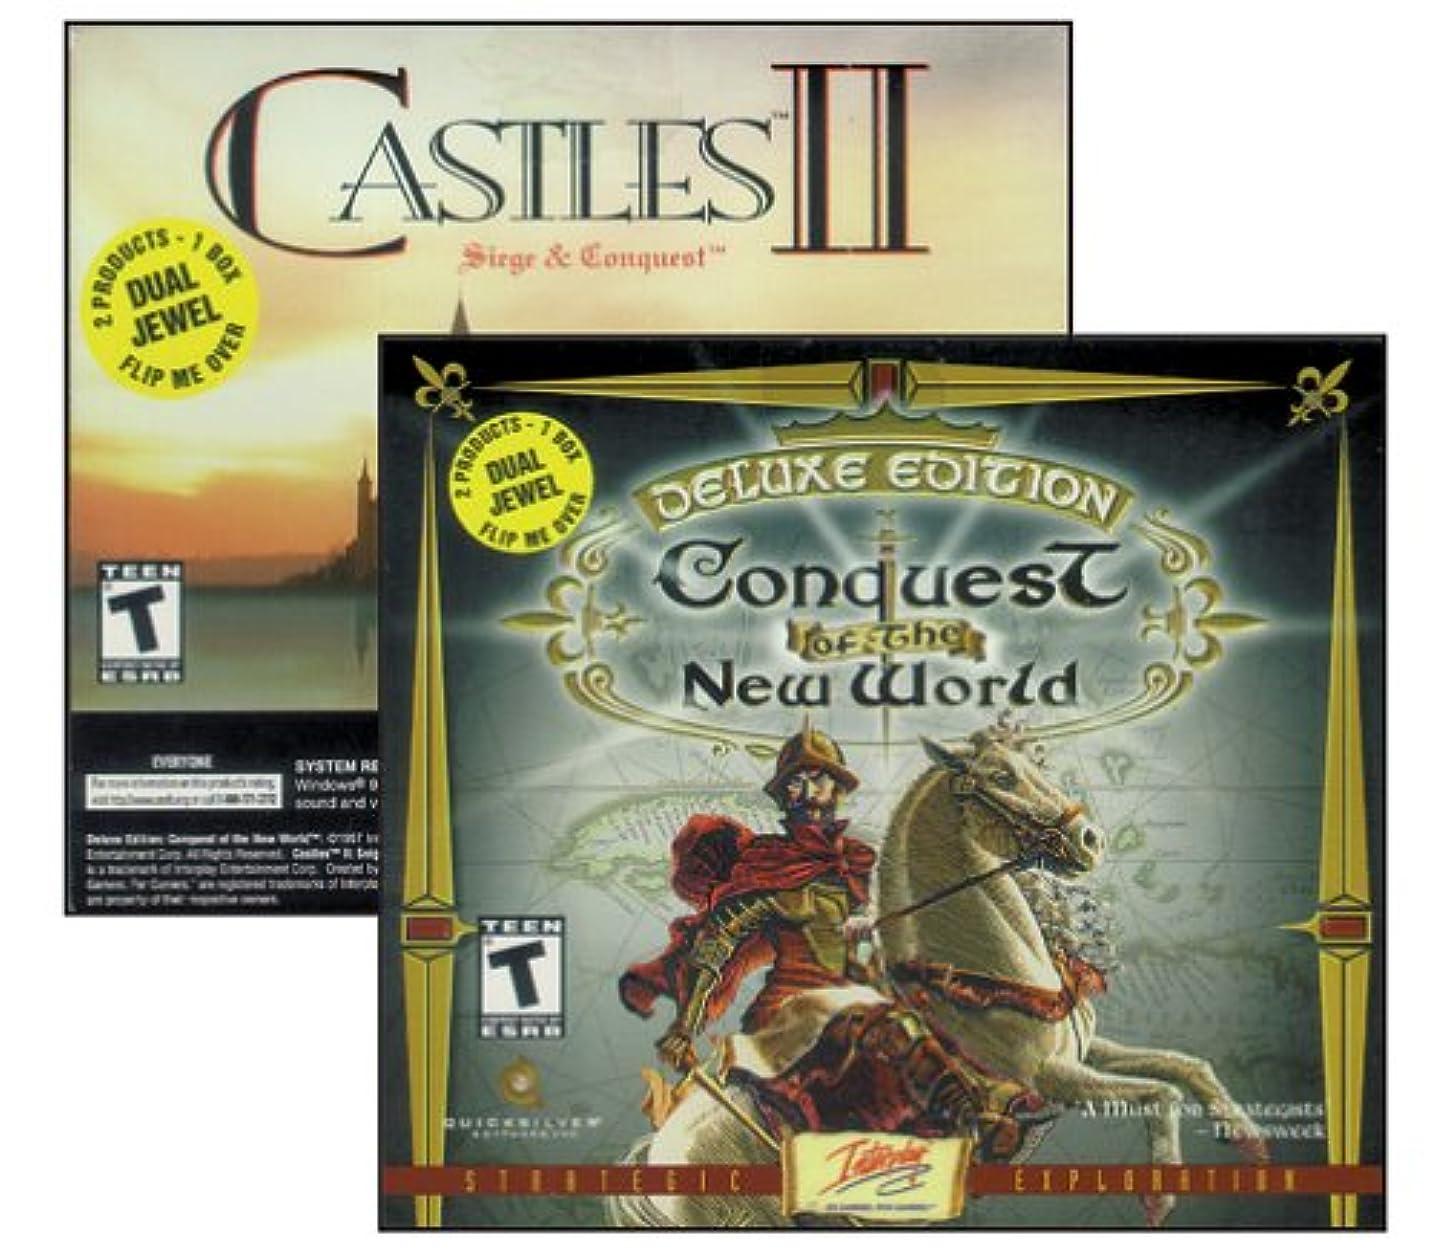 石油賄賂お肉Conquest of the New World Deluxe / Castles 2 (Jewel Case) (輸入版)